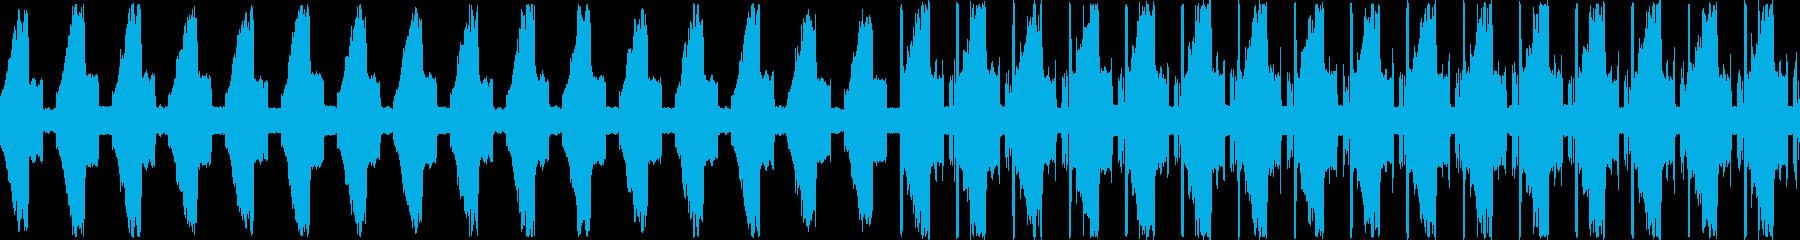 幻想的で浮遊感のあるお洒落な電子音の再生済みの波形